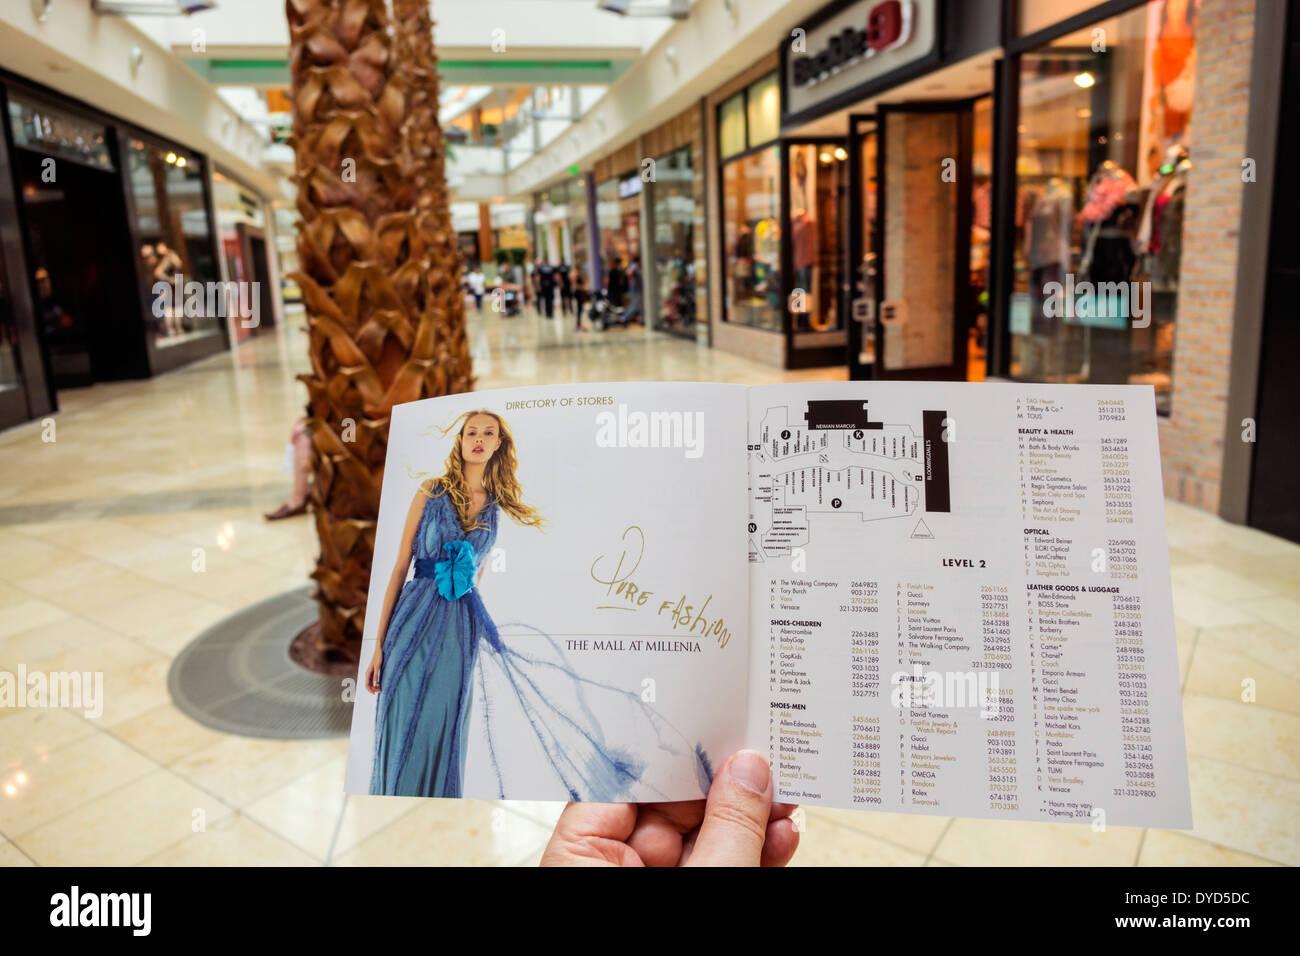 orlando florida the mall at millenia shopping inside interior atrium storesbusinesses directory brochure information . the mall at millenia stock photos  the mall at millenia stock